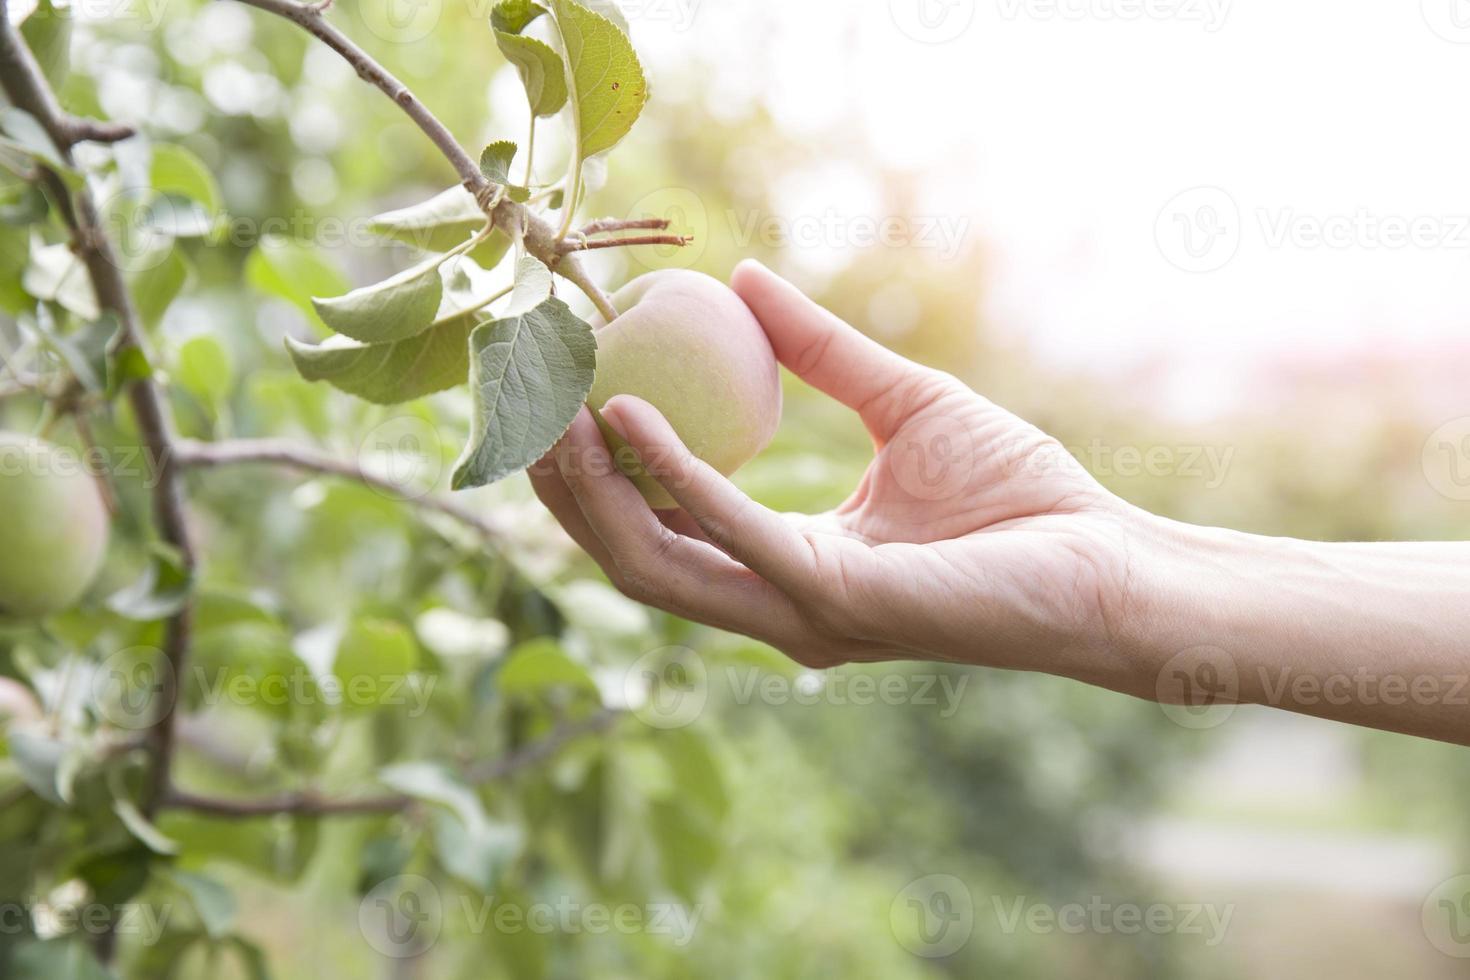 mano recogiendo una manzana de un árbol foto